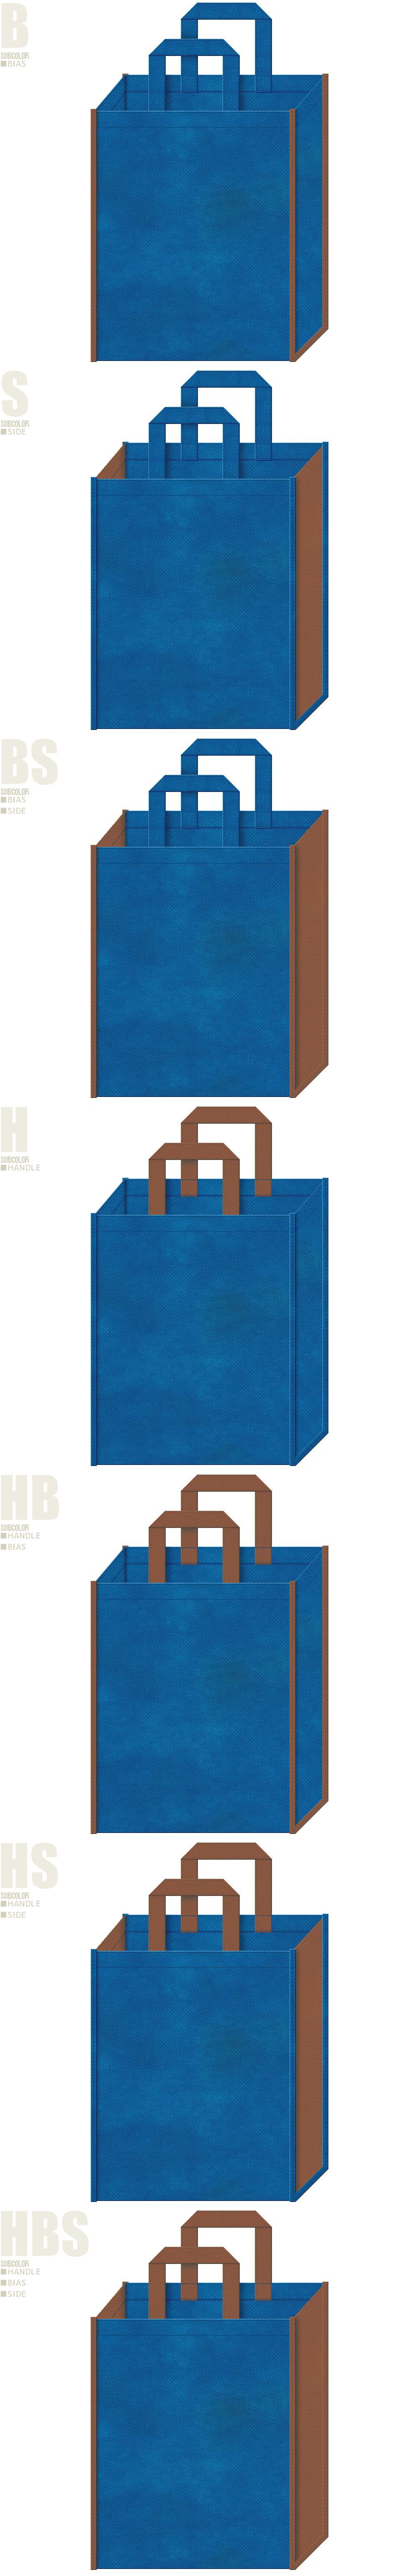 青色と茶色-7パターンの不織布トートバッグ配色デザイン例